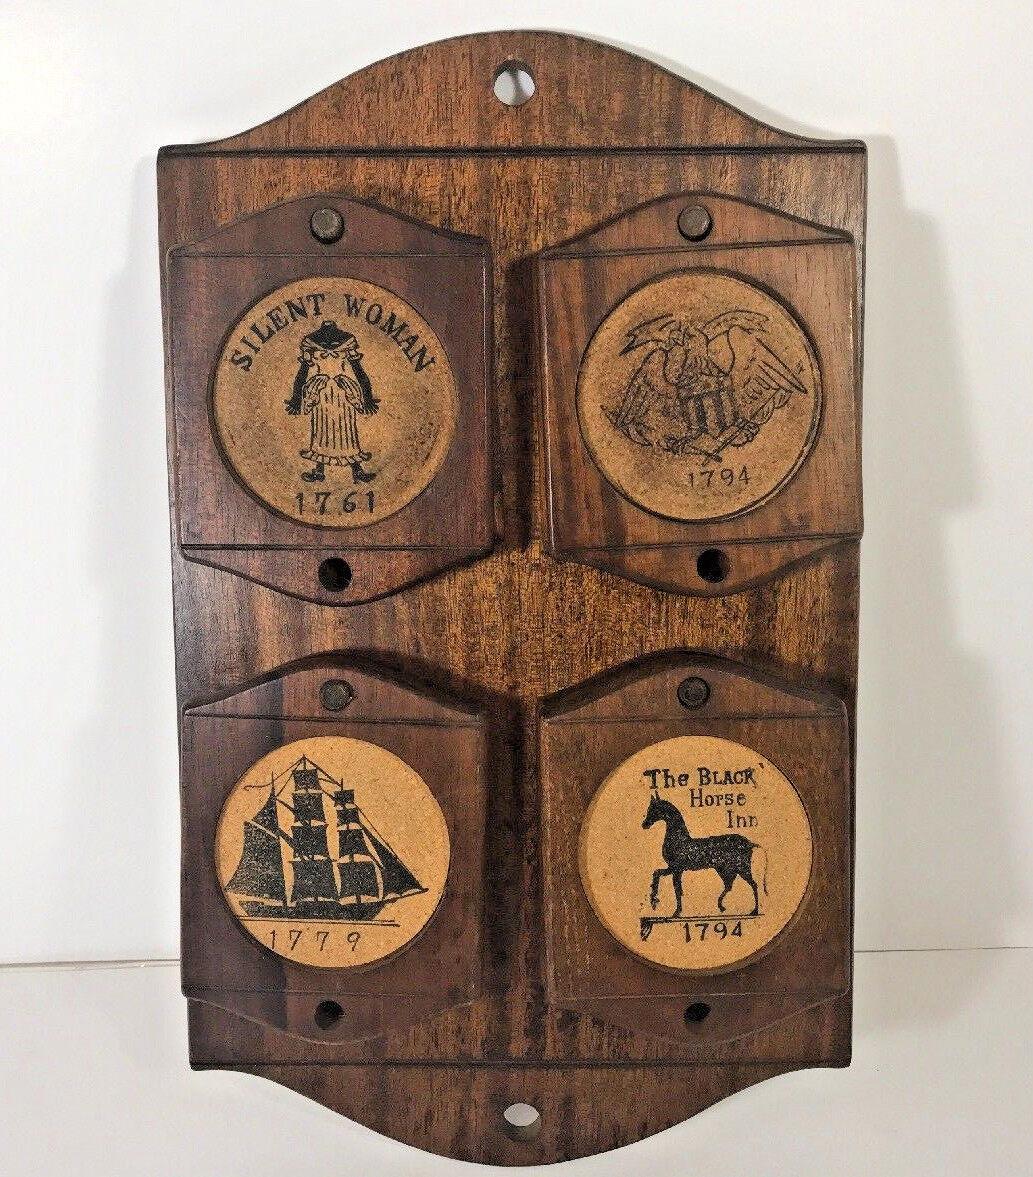 Vintage Enesco Cork Wood Coaster Set (8) Wooden Peg Wall Board Japan Circa 1958